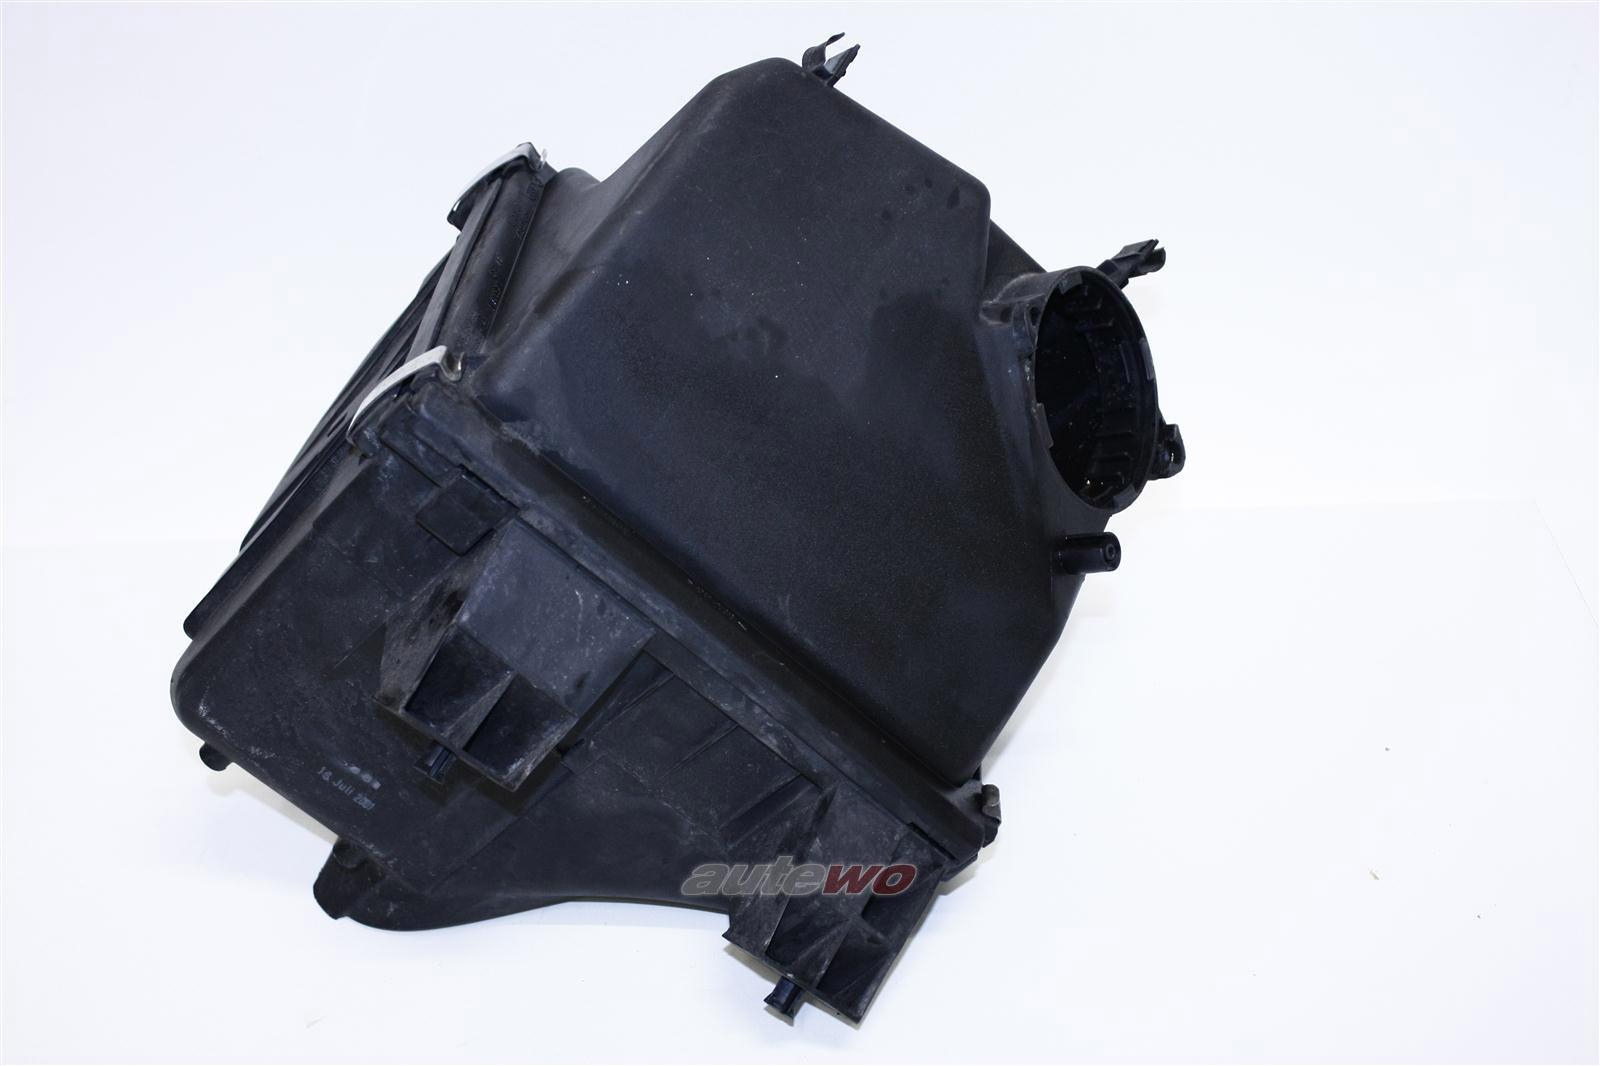 Audi A4 B5/A6 4B 2.5l AFB/AKN/AKE  Luftfilter Kasten 4B0133837F 4B0133837E